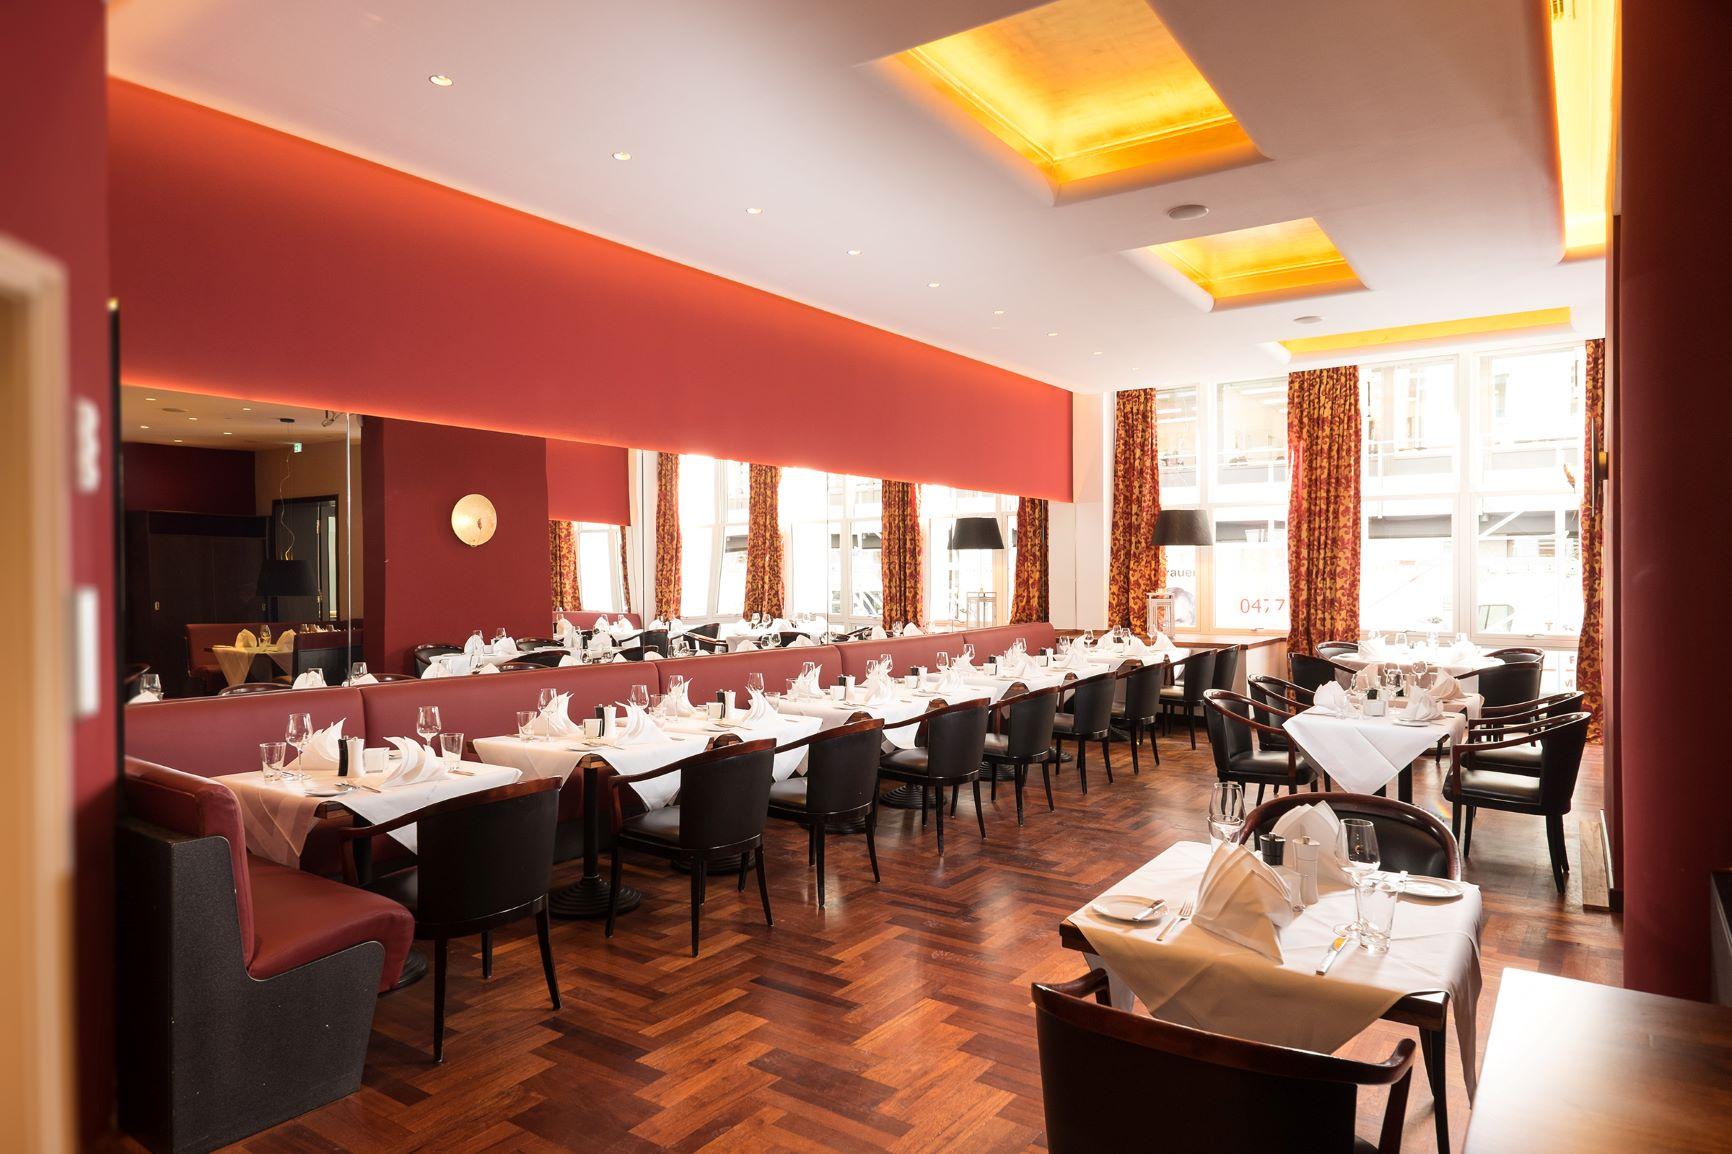 Kleinhuis Restaurant im Baseler Hof – Ihre Experten für guten Geschmack